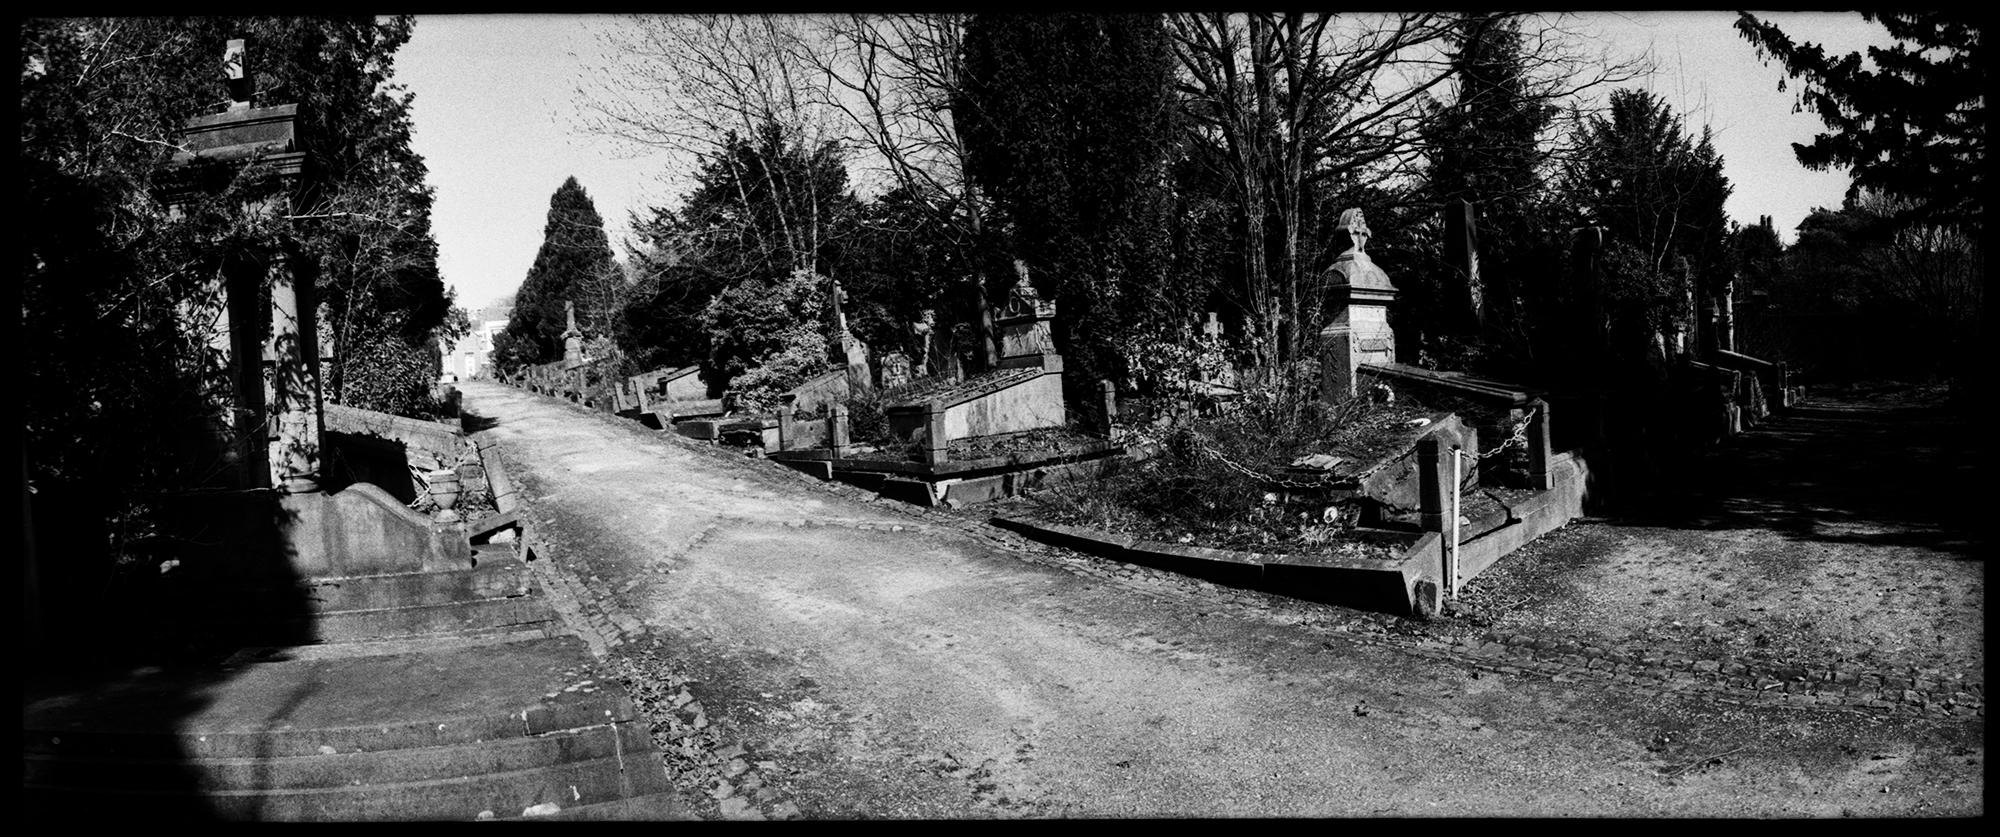 Dieweg Cemetery by Laurent Orseau #46